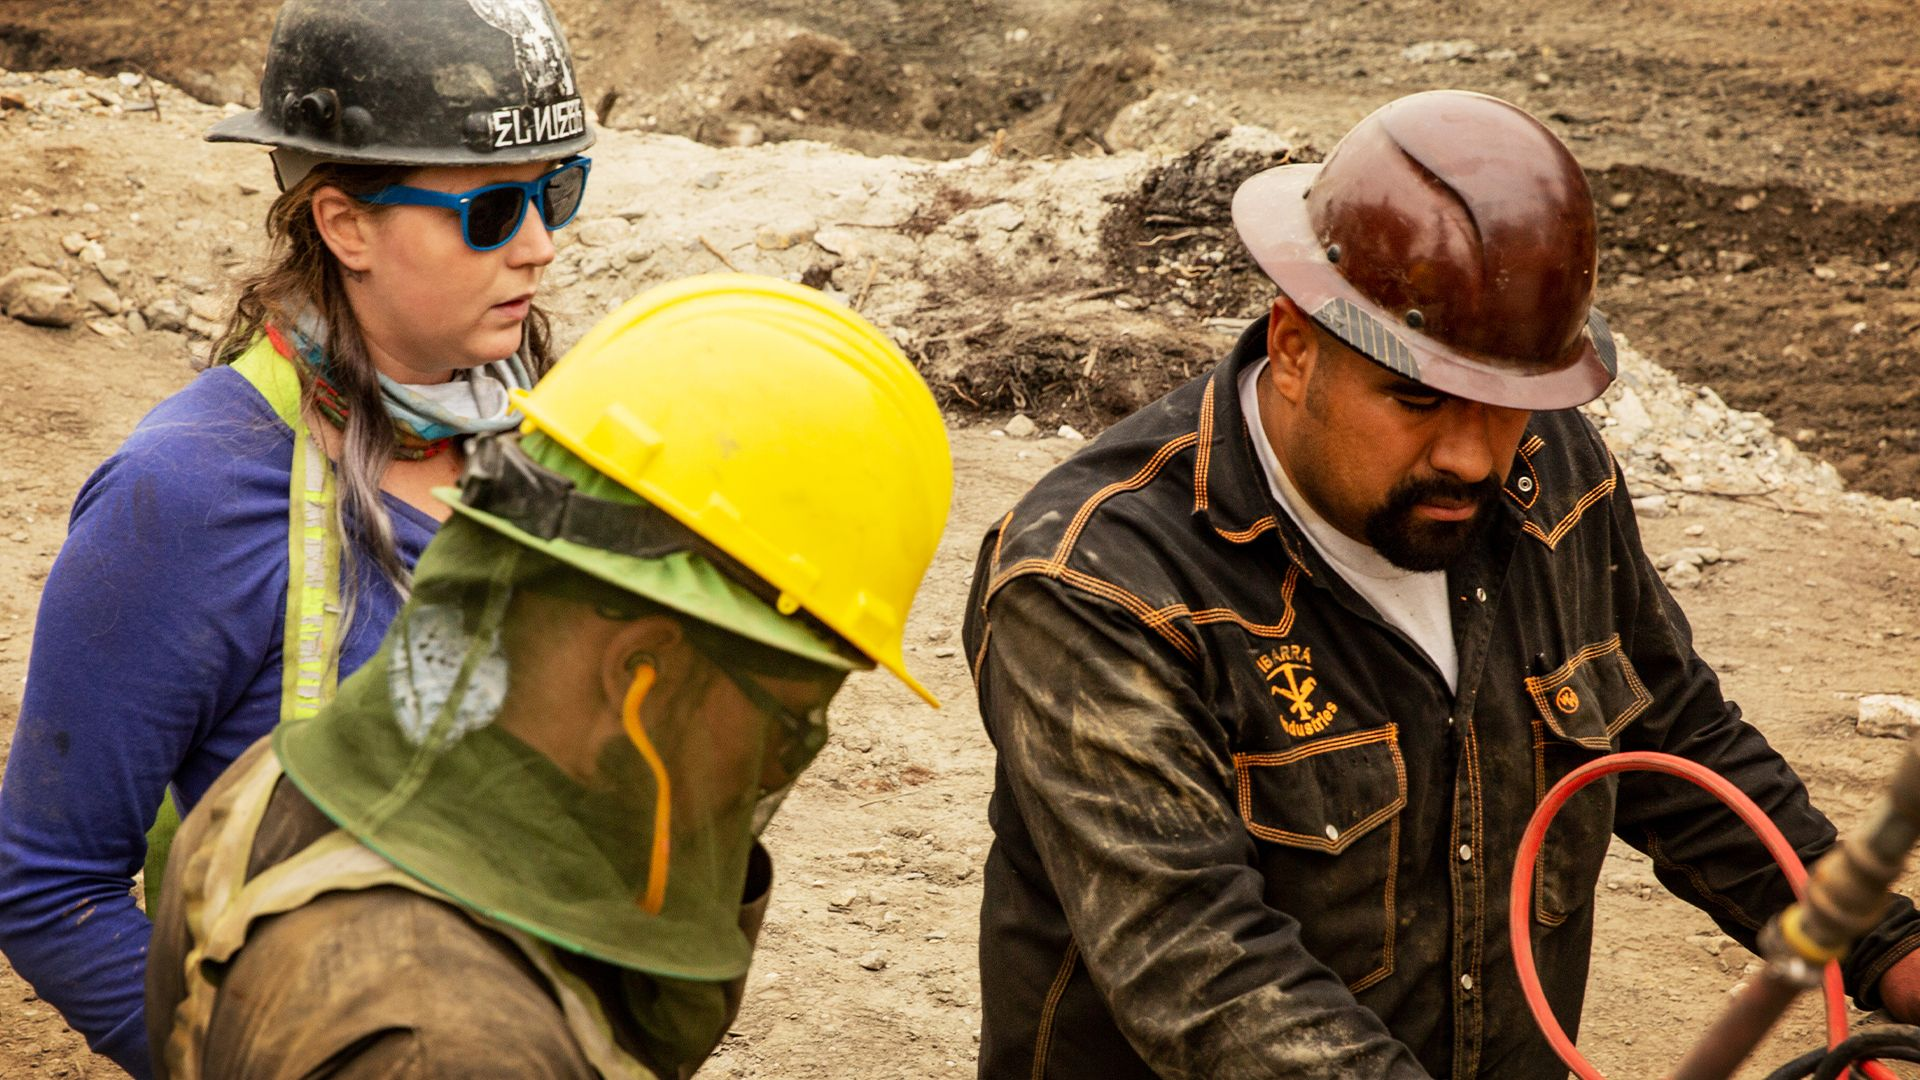 goldrausch in alaska neue staffel 2020